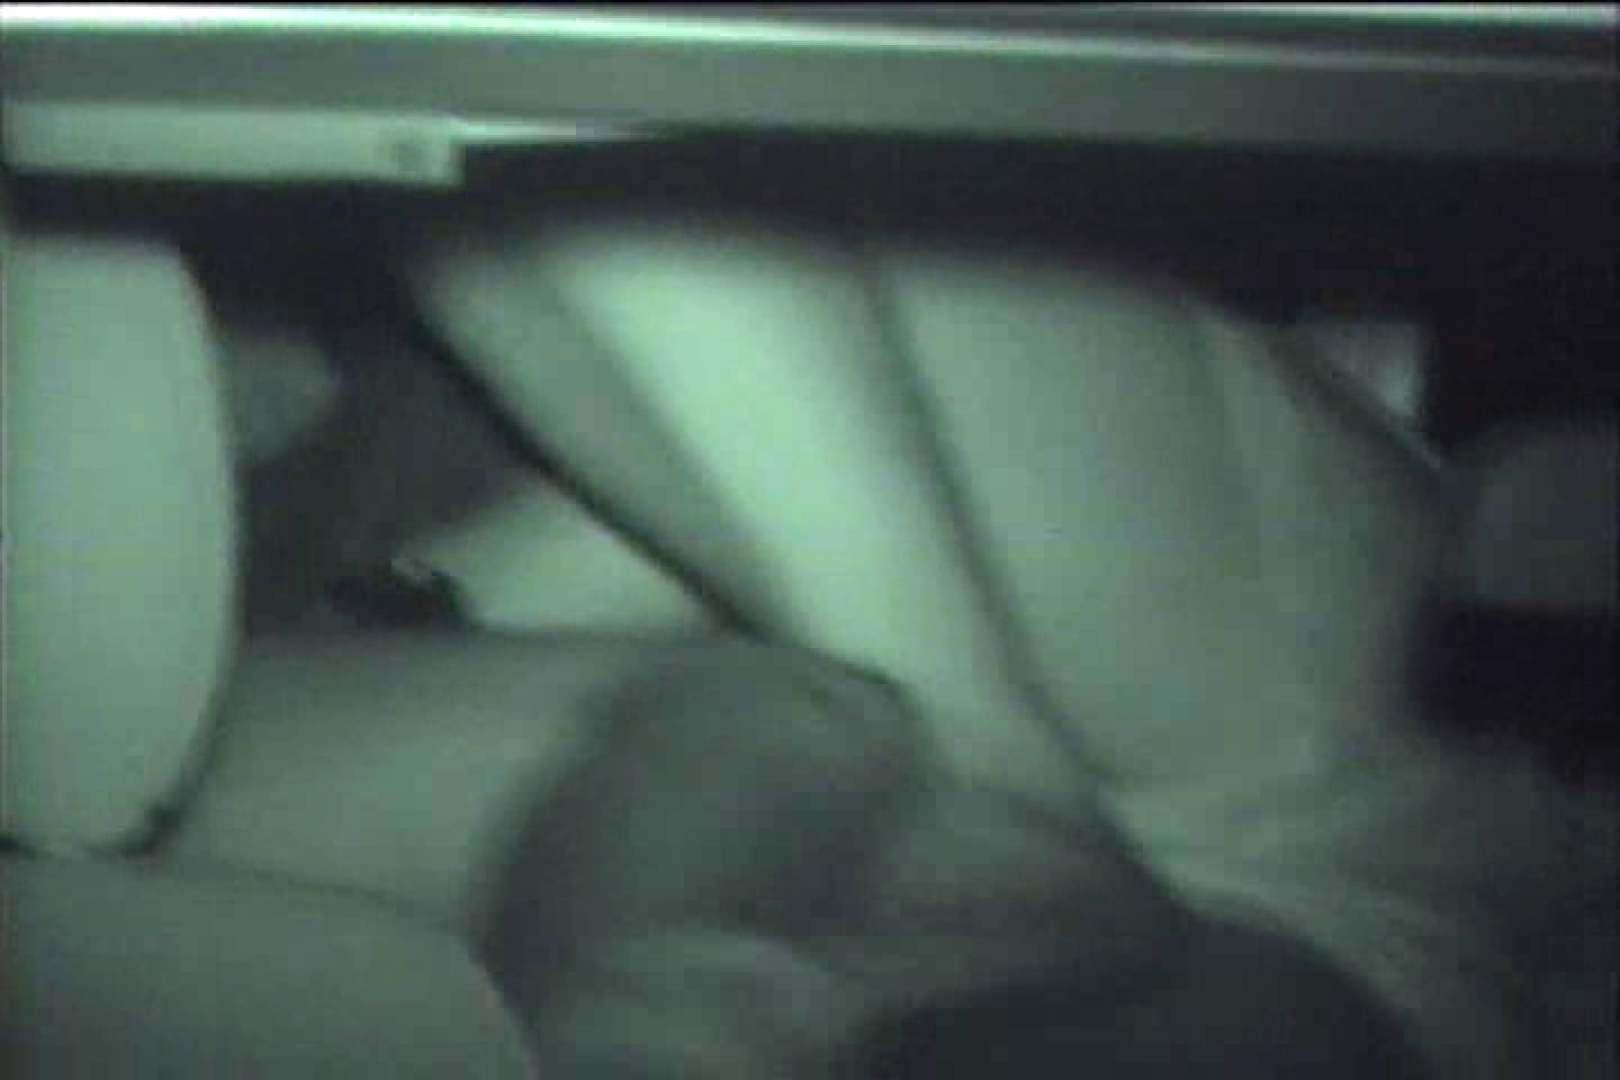 車の中はラブホテル 無修正版  Vol.17 ホテルでエッチ 盗撮戯れ無修正画像 22pic 9